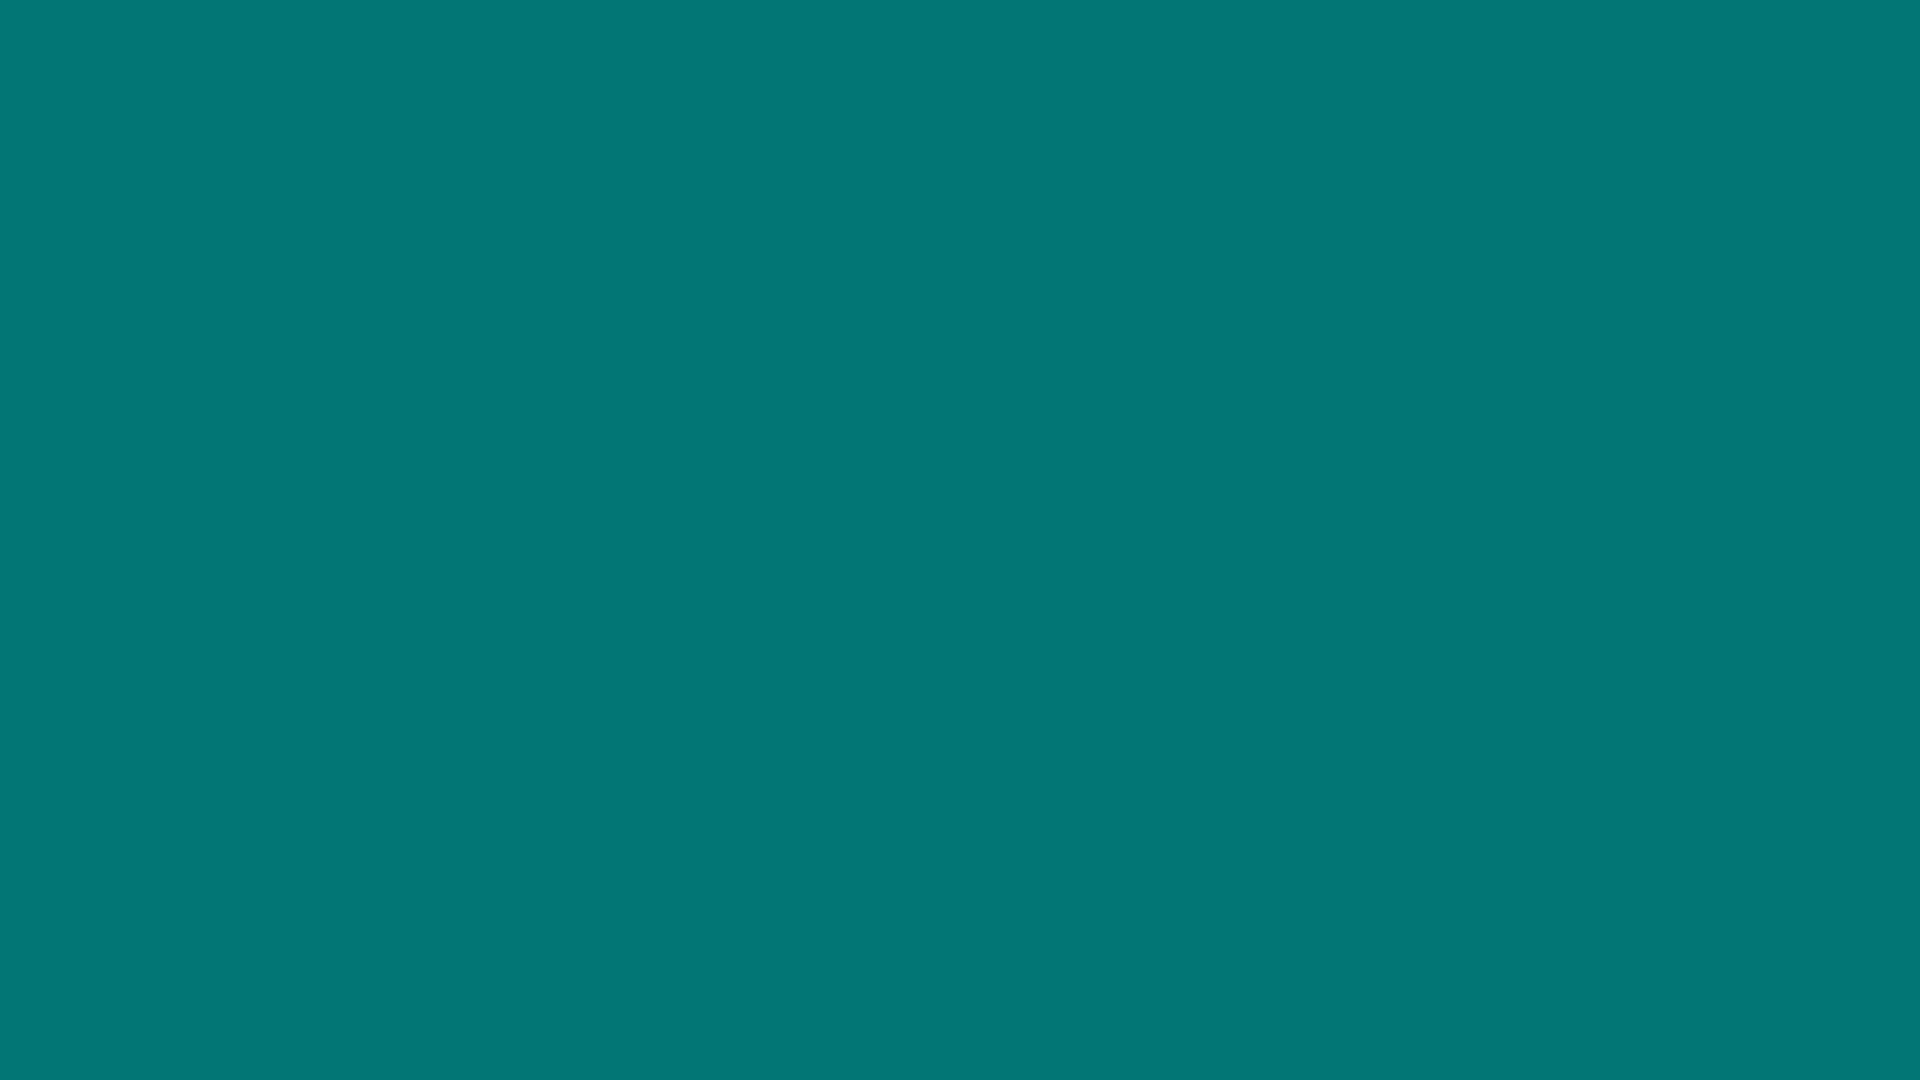 """[중앙일보] ⑤ """"이제는 아시아 시대"""" – 서울대 아시아연구소 기획 ⑤ '인재 허브'로 뜬 비결"""